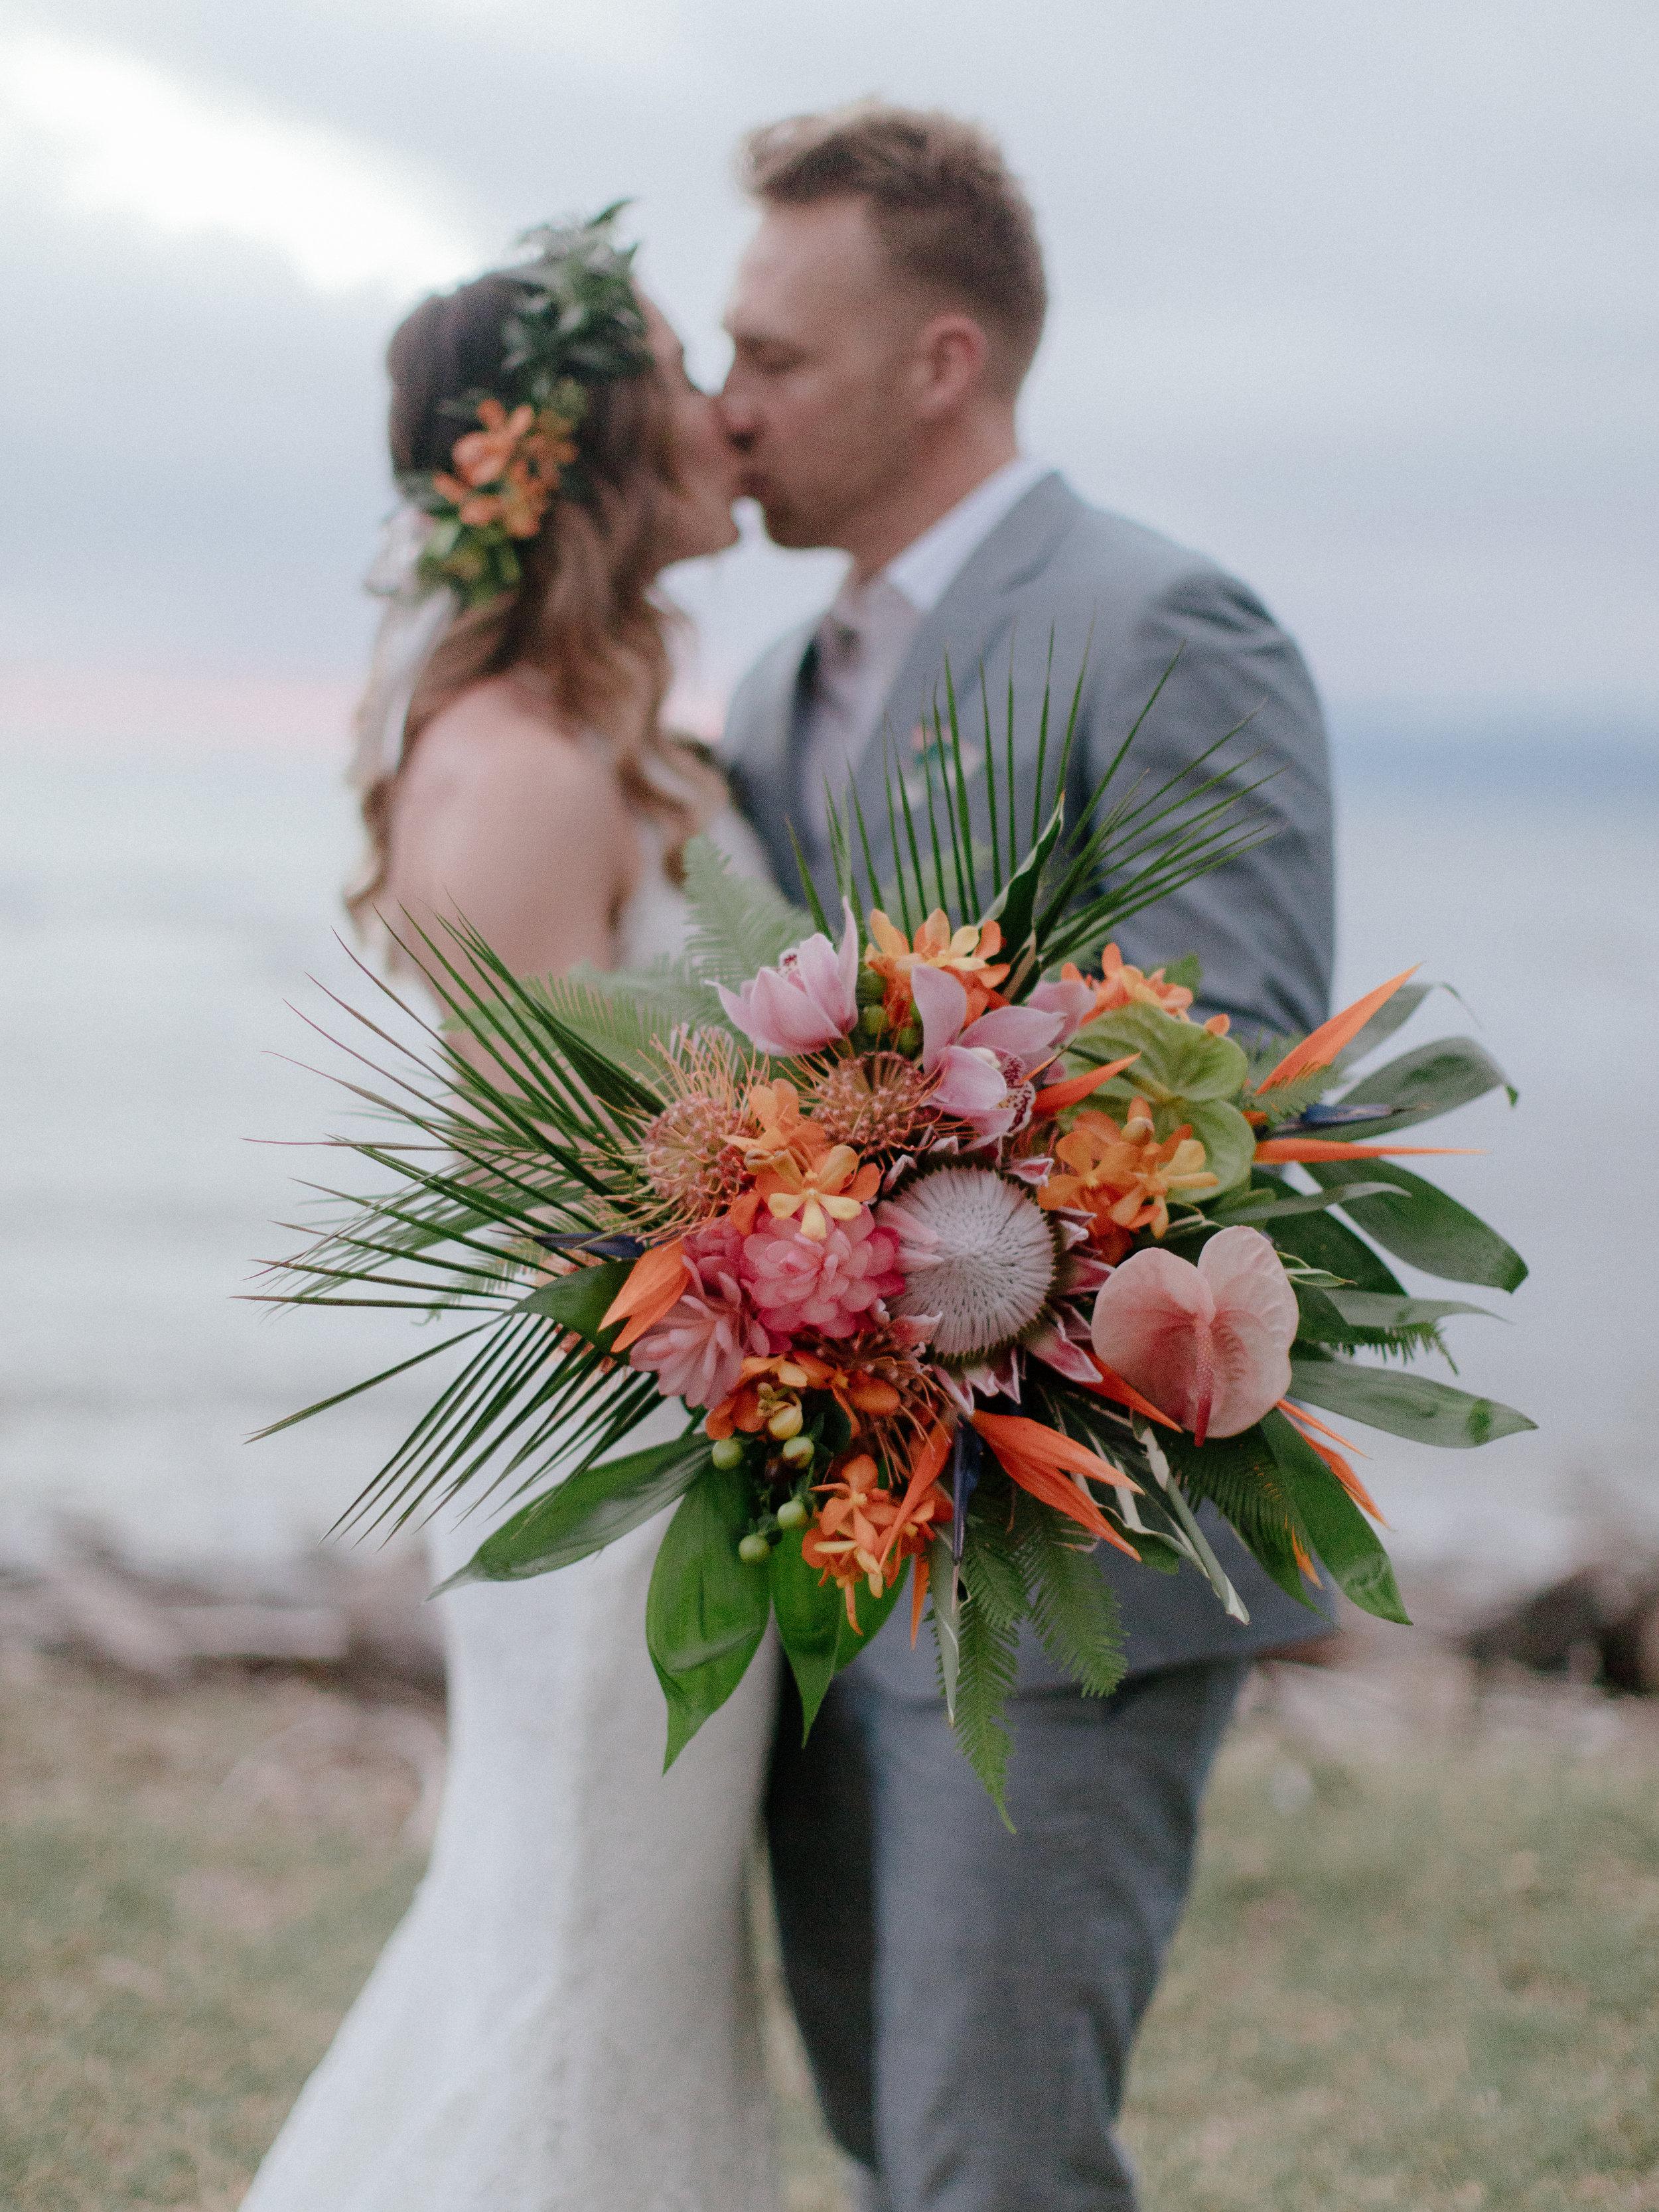 Chris-J-Evans-maui-wedding-JA3889.jpg